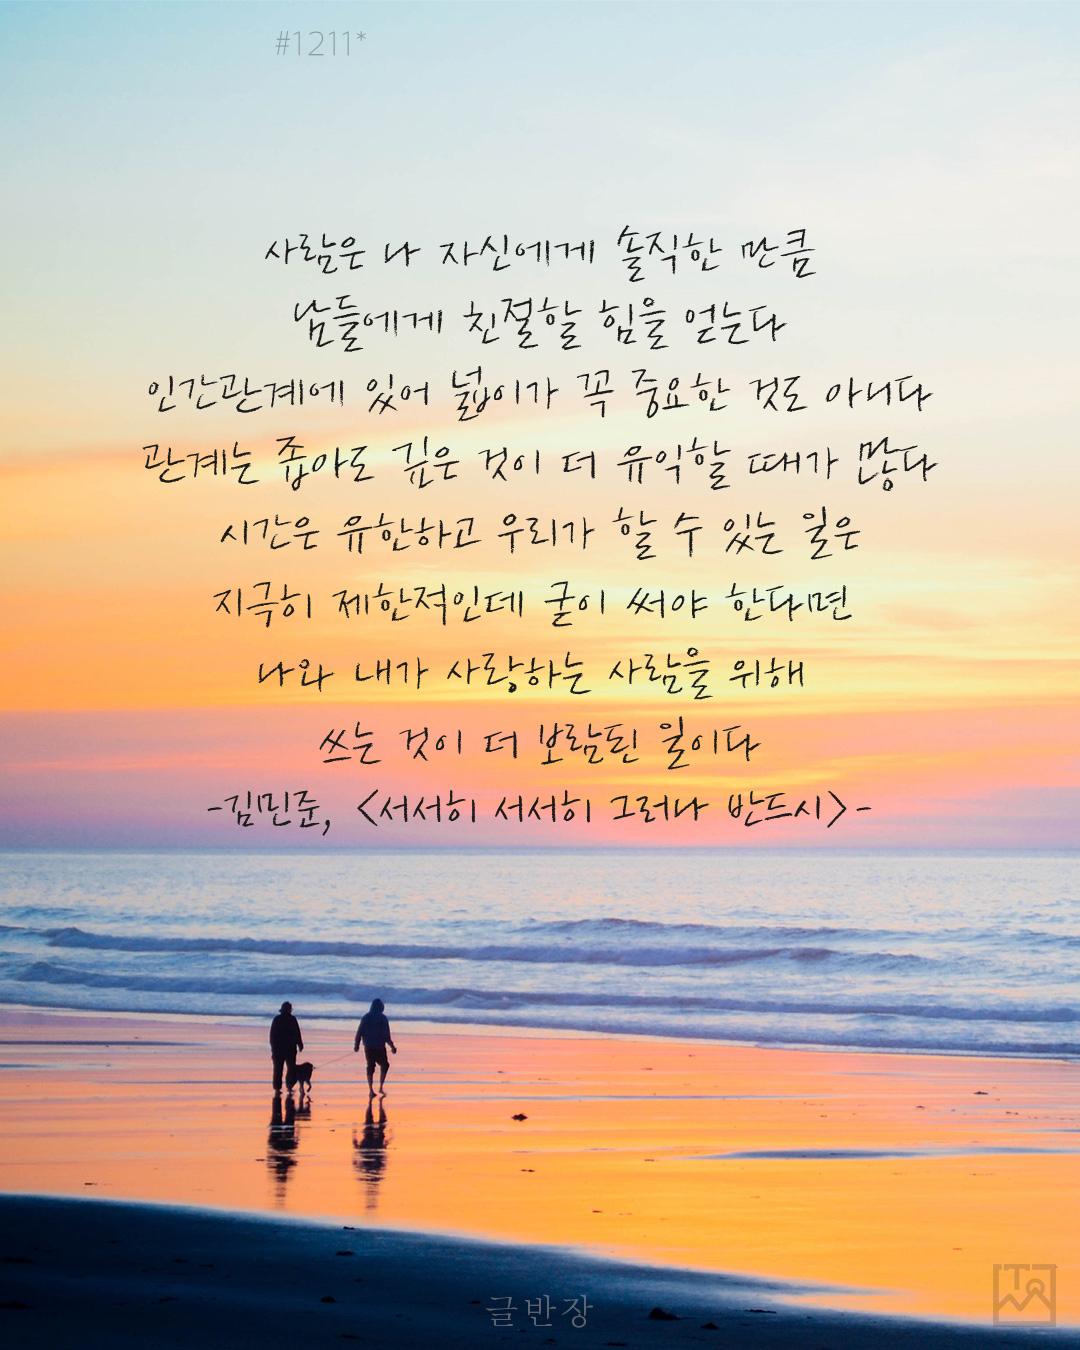 시간은 나와 내가 사랑하는 사람을 위해 쓰는 것이 더 보람된 일이다 - 김민준, <서서히 서서히 그러나 반드시>